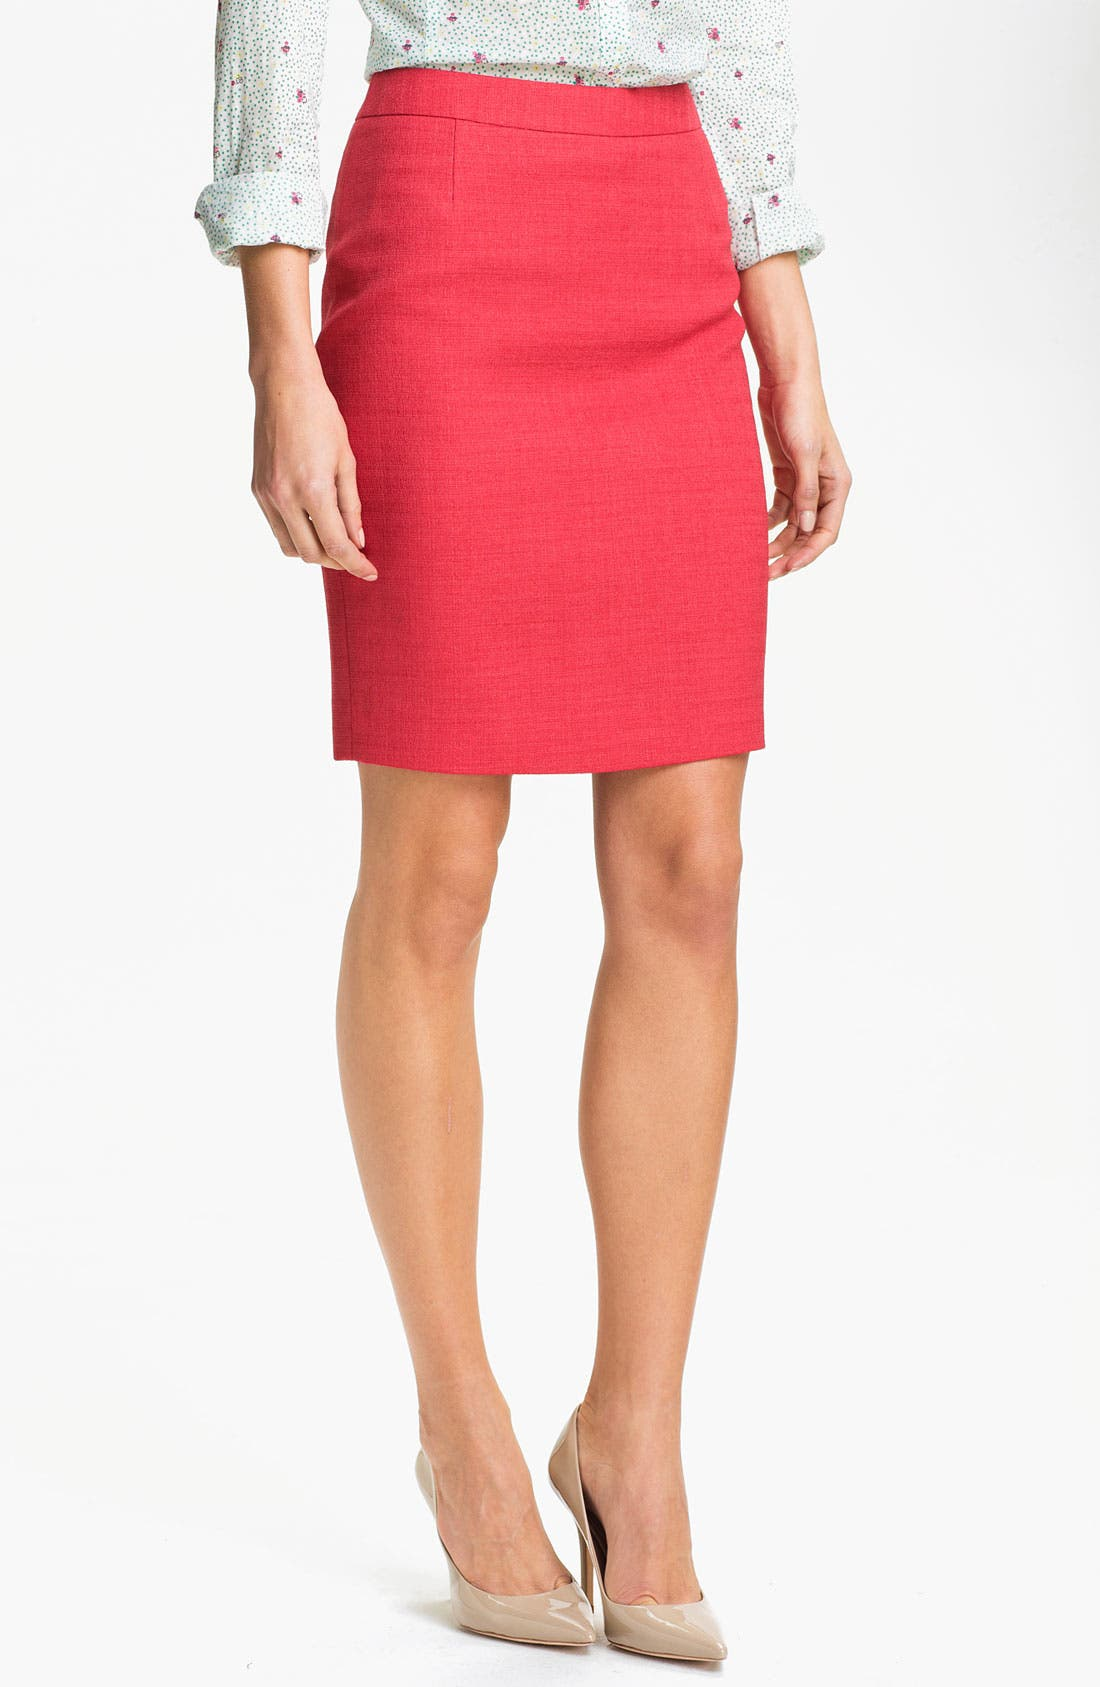 Alternate Image 1 Selected - T Tahari Skirt